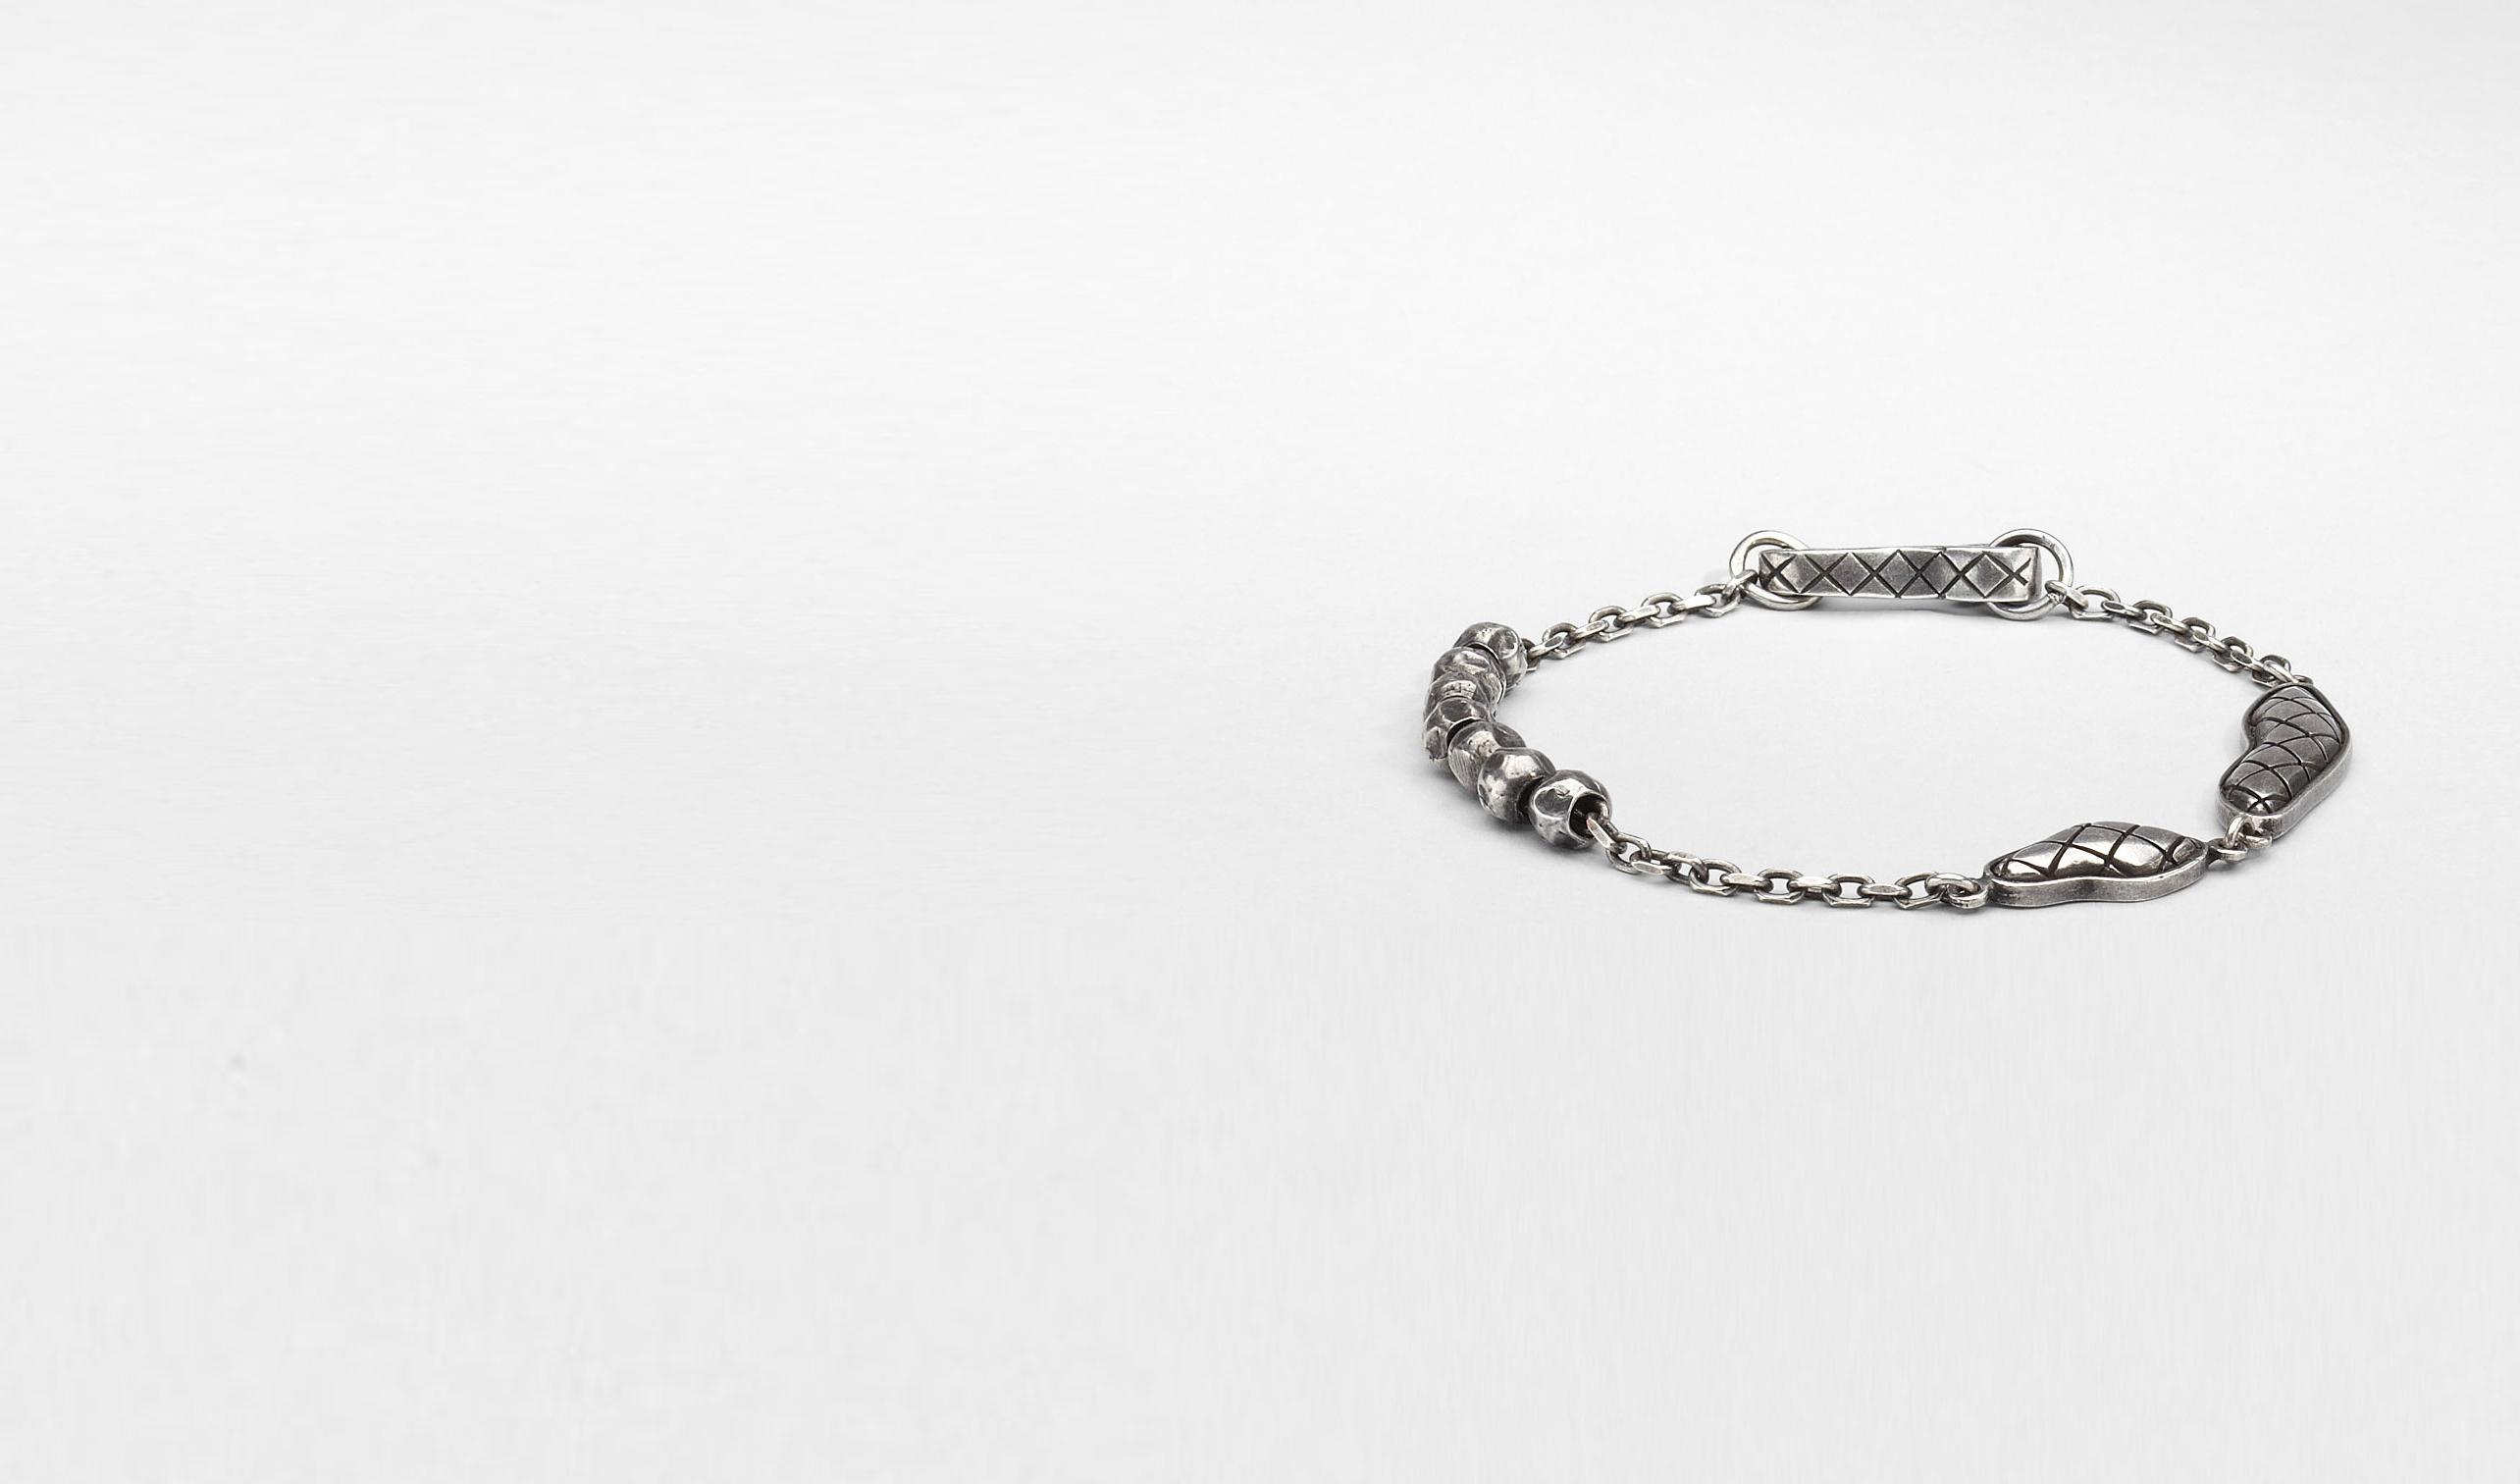 BOTTEGA VENETA Armband U Armband aus oxidiertem Silber Intrecciato pl